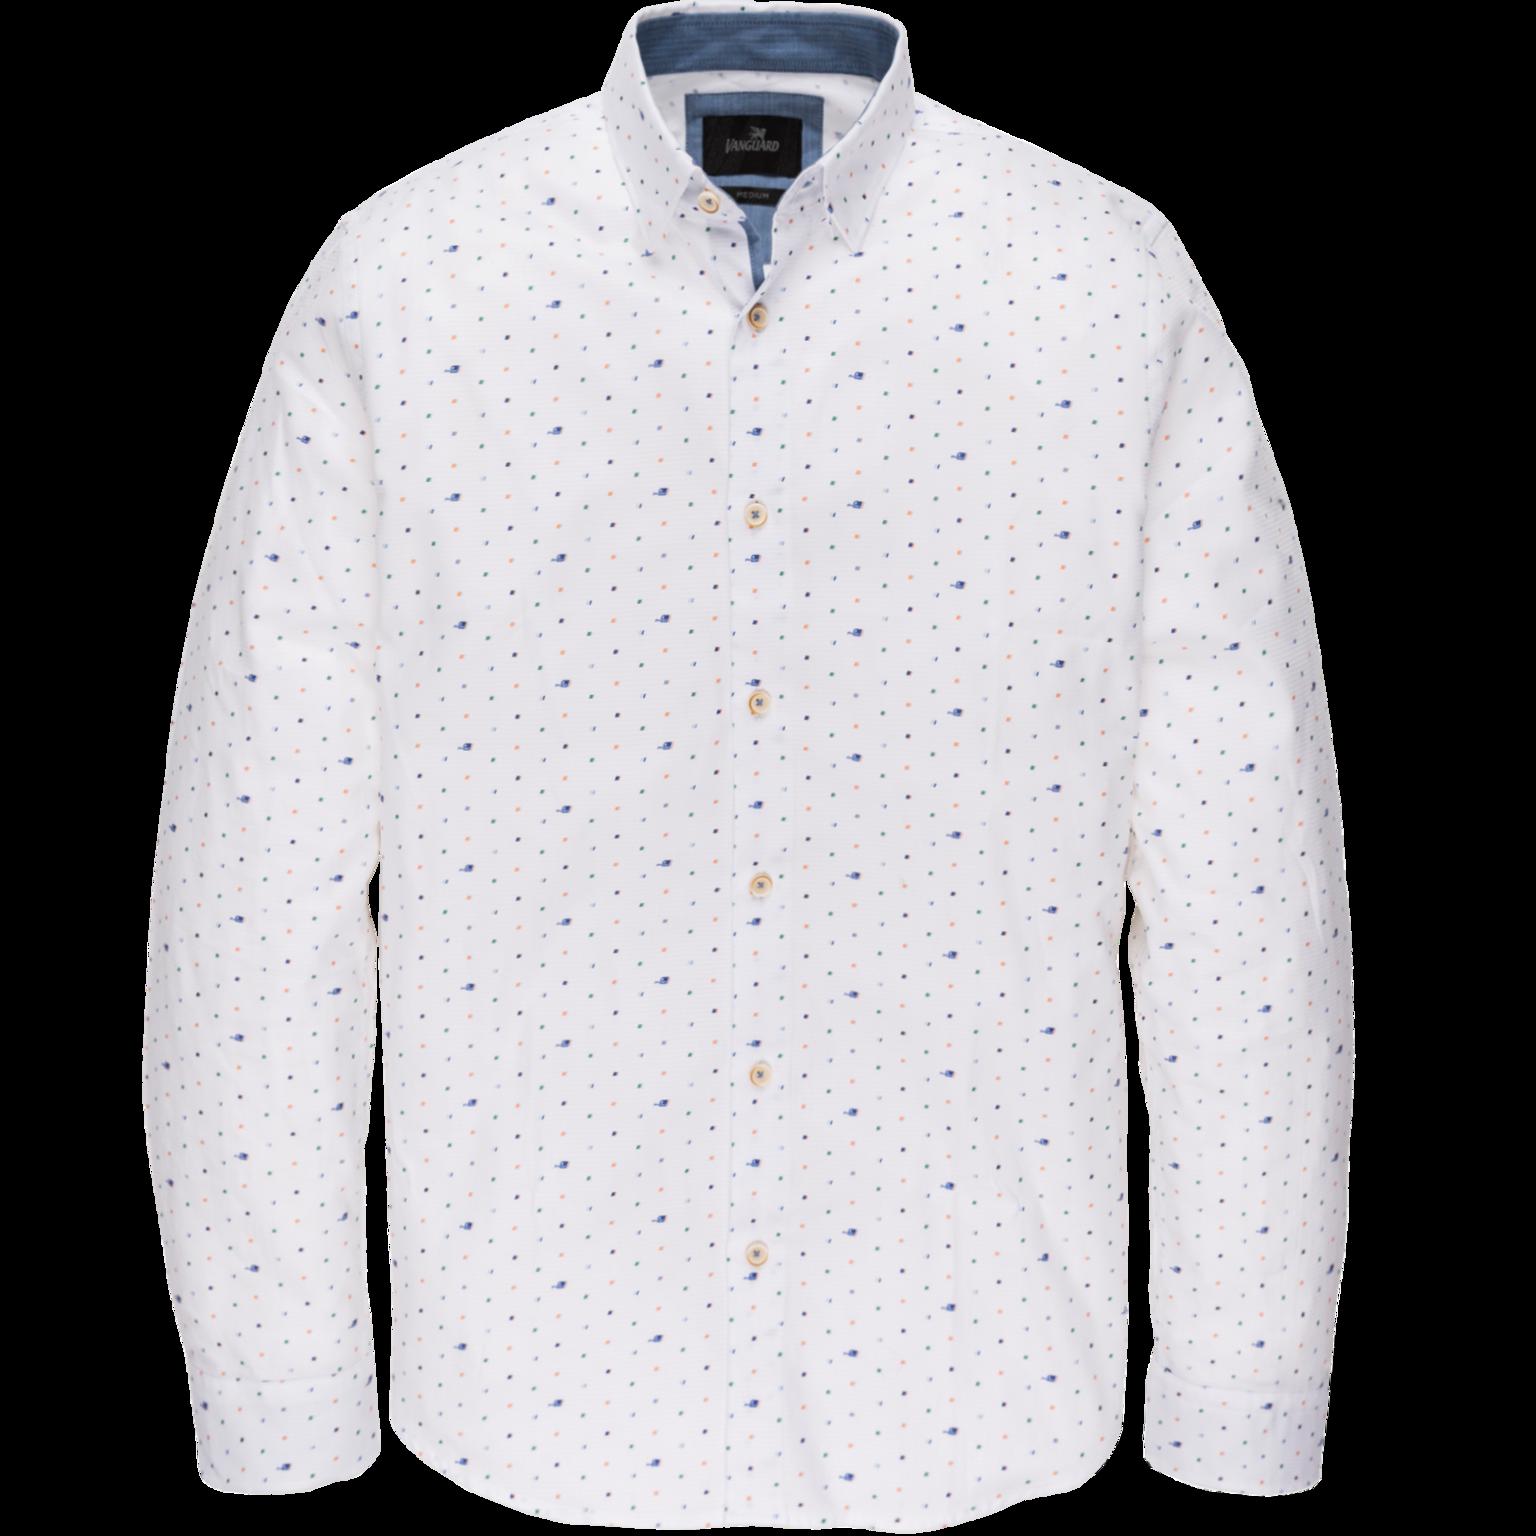 Witte heren blouse met print Vanguard - VSI202230 7003